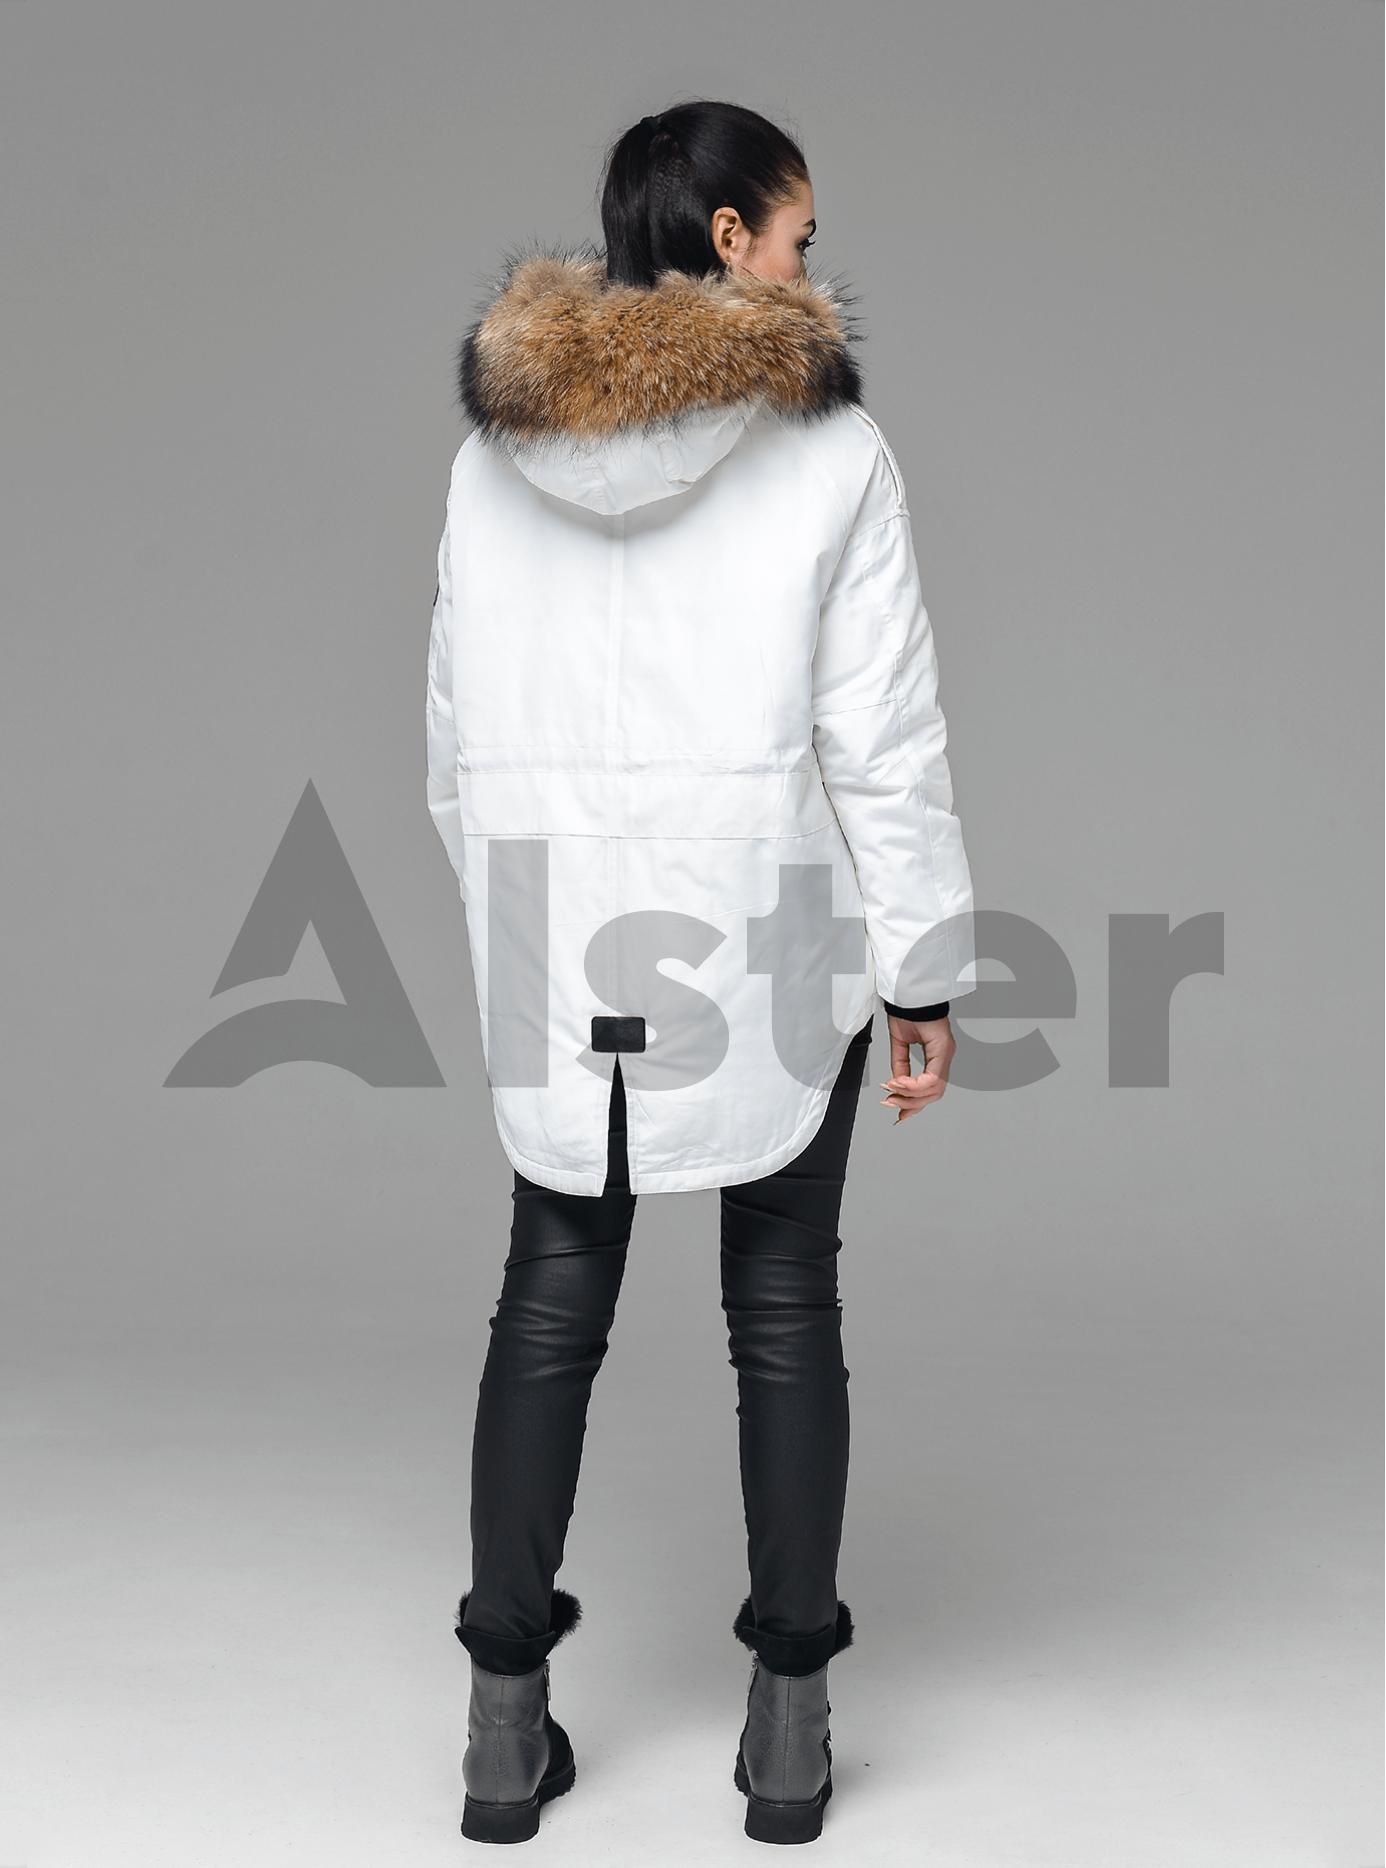 Зимняя куртка-парка с мехом енота Белый L (05-V191227): фото - Alster.ua